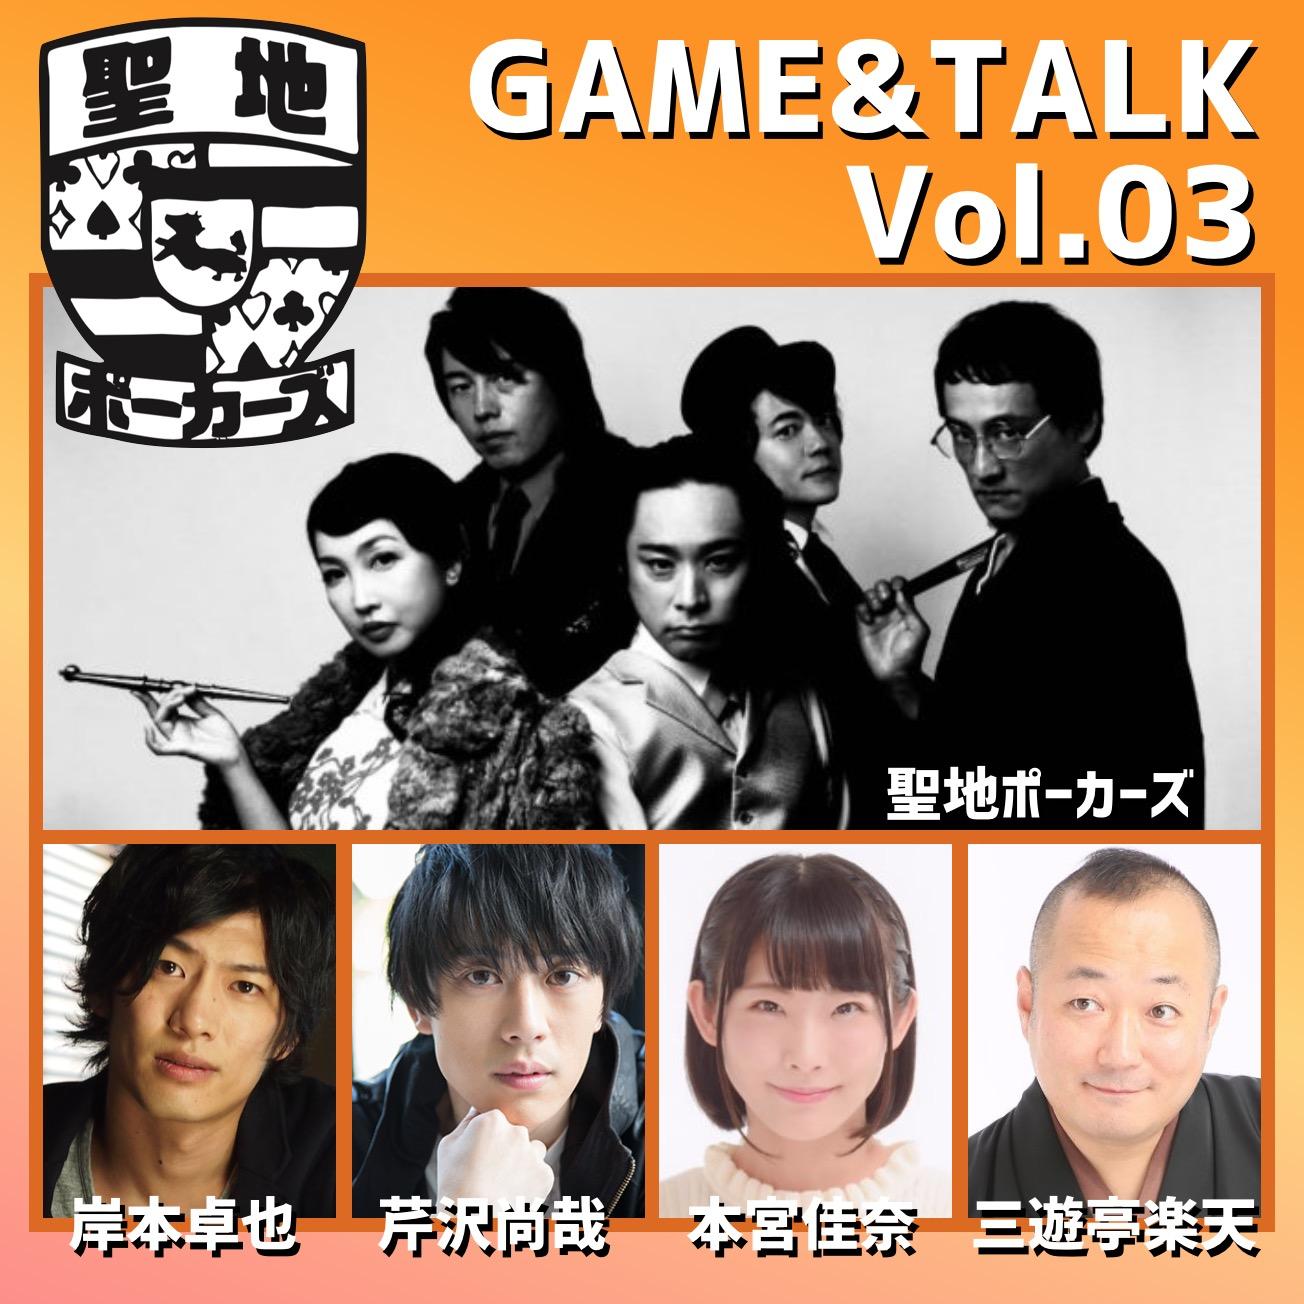 聖地ポーカーズ『GAME&TALK Vol.03』【 18:30~ / 2nd 】